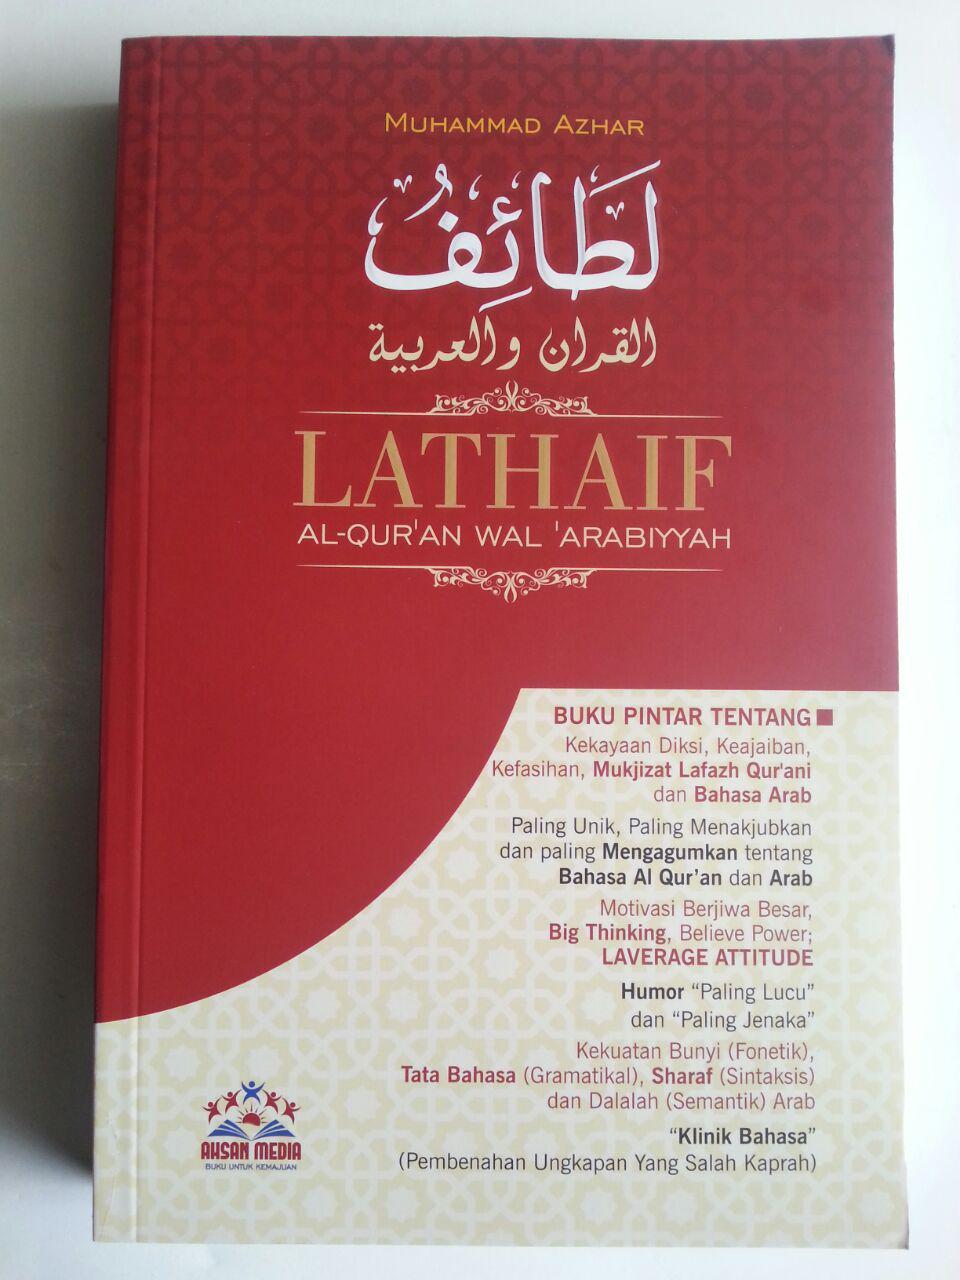 Buku Lathaif Al-Qur'an Wal Arabiyyah Buku Pintar Qur'an Bahasa Arab cover 2